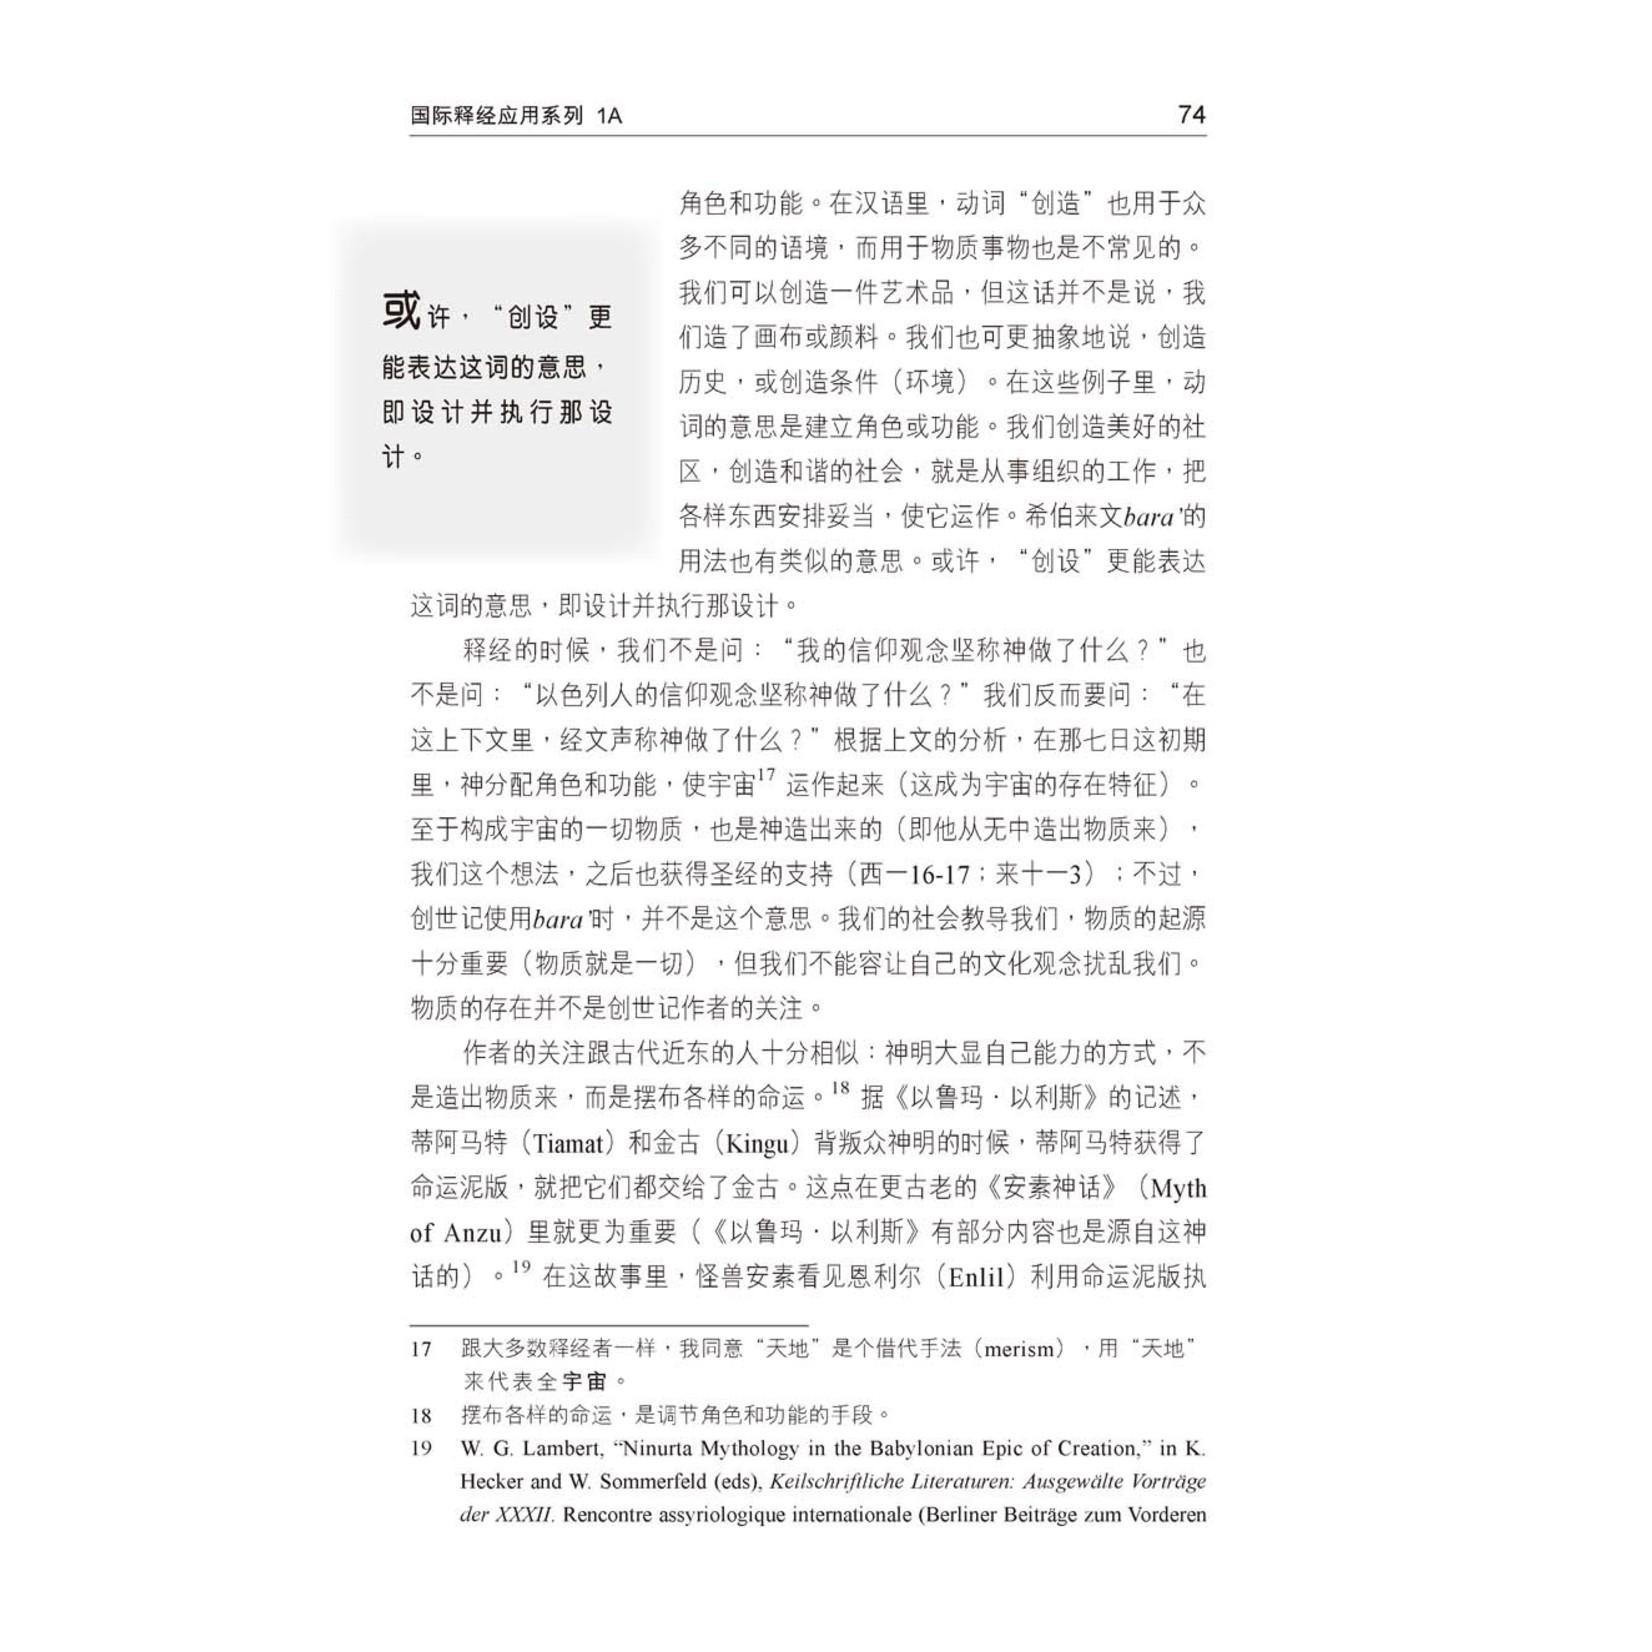 漢語聖經協會 Chinese Bible International 国际释经应用系列1A:创世记(卷上) The NIV Application Commentary, NIVAC, Vol. 1A, Genesis